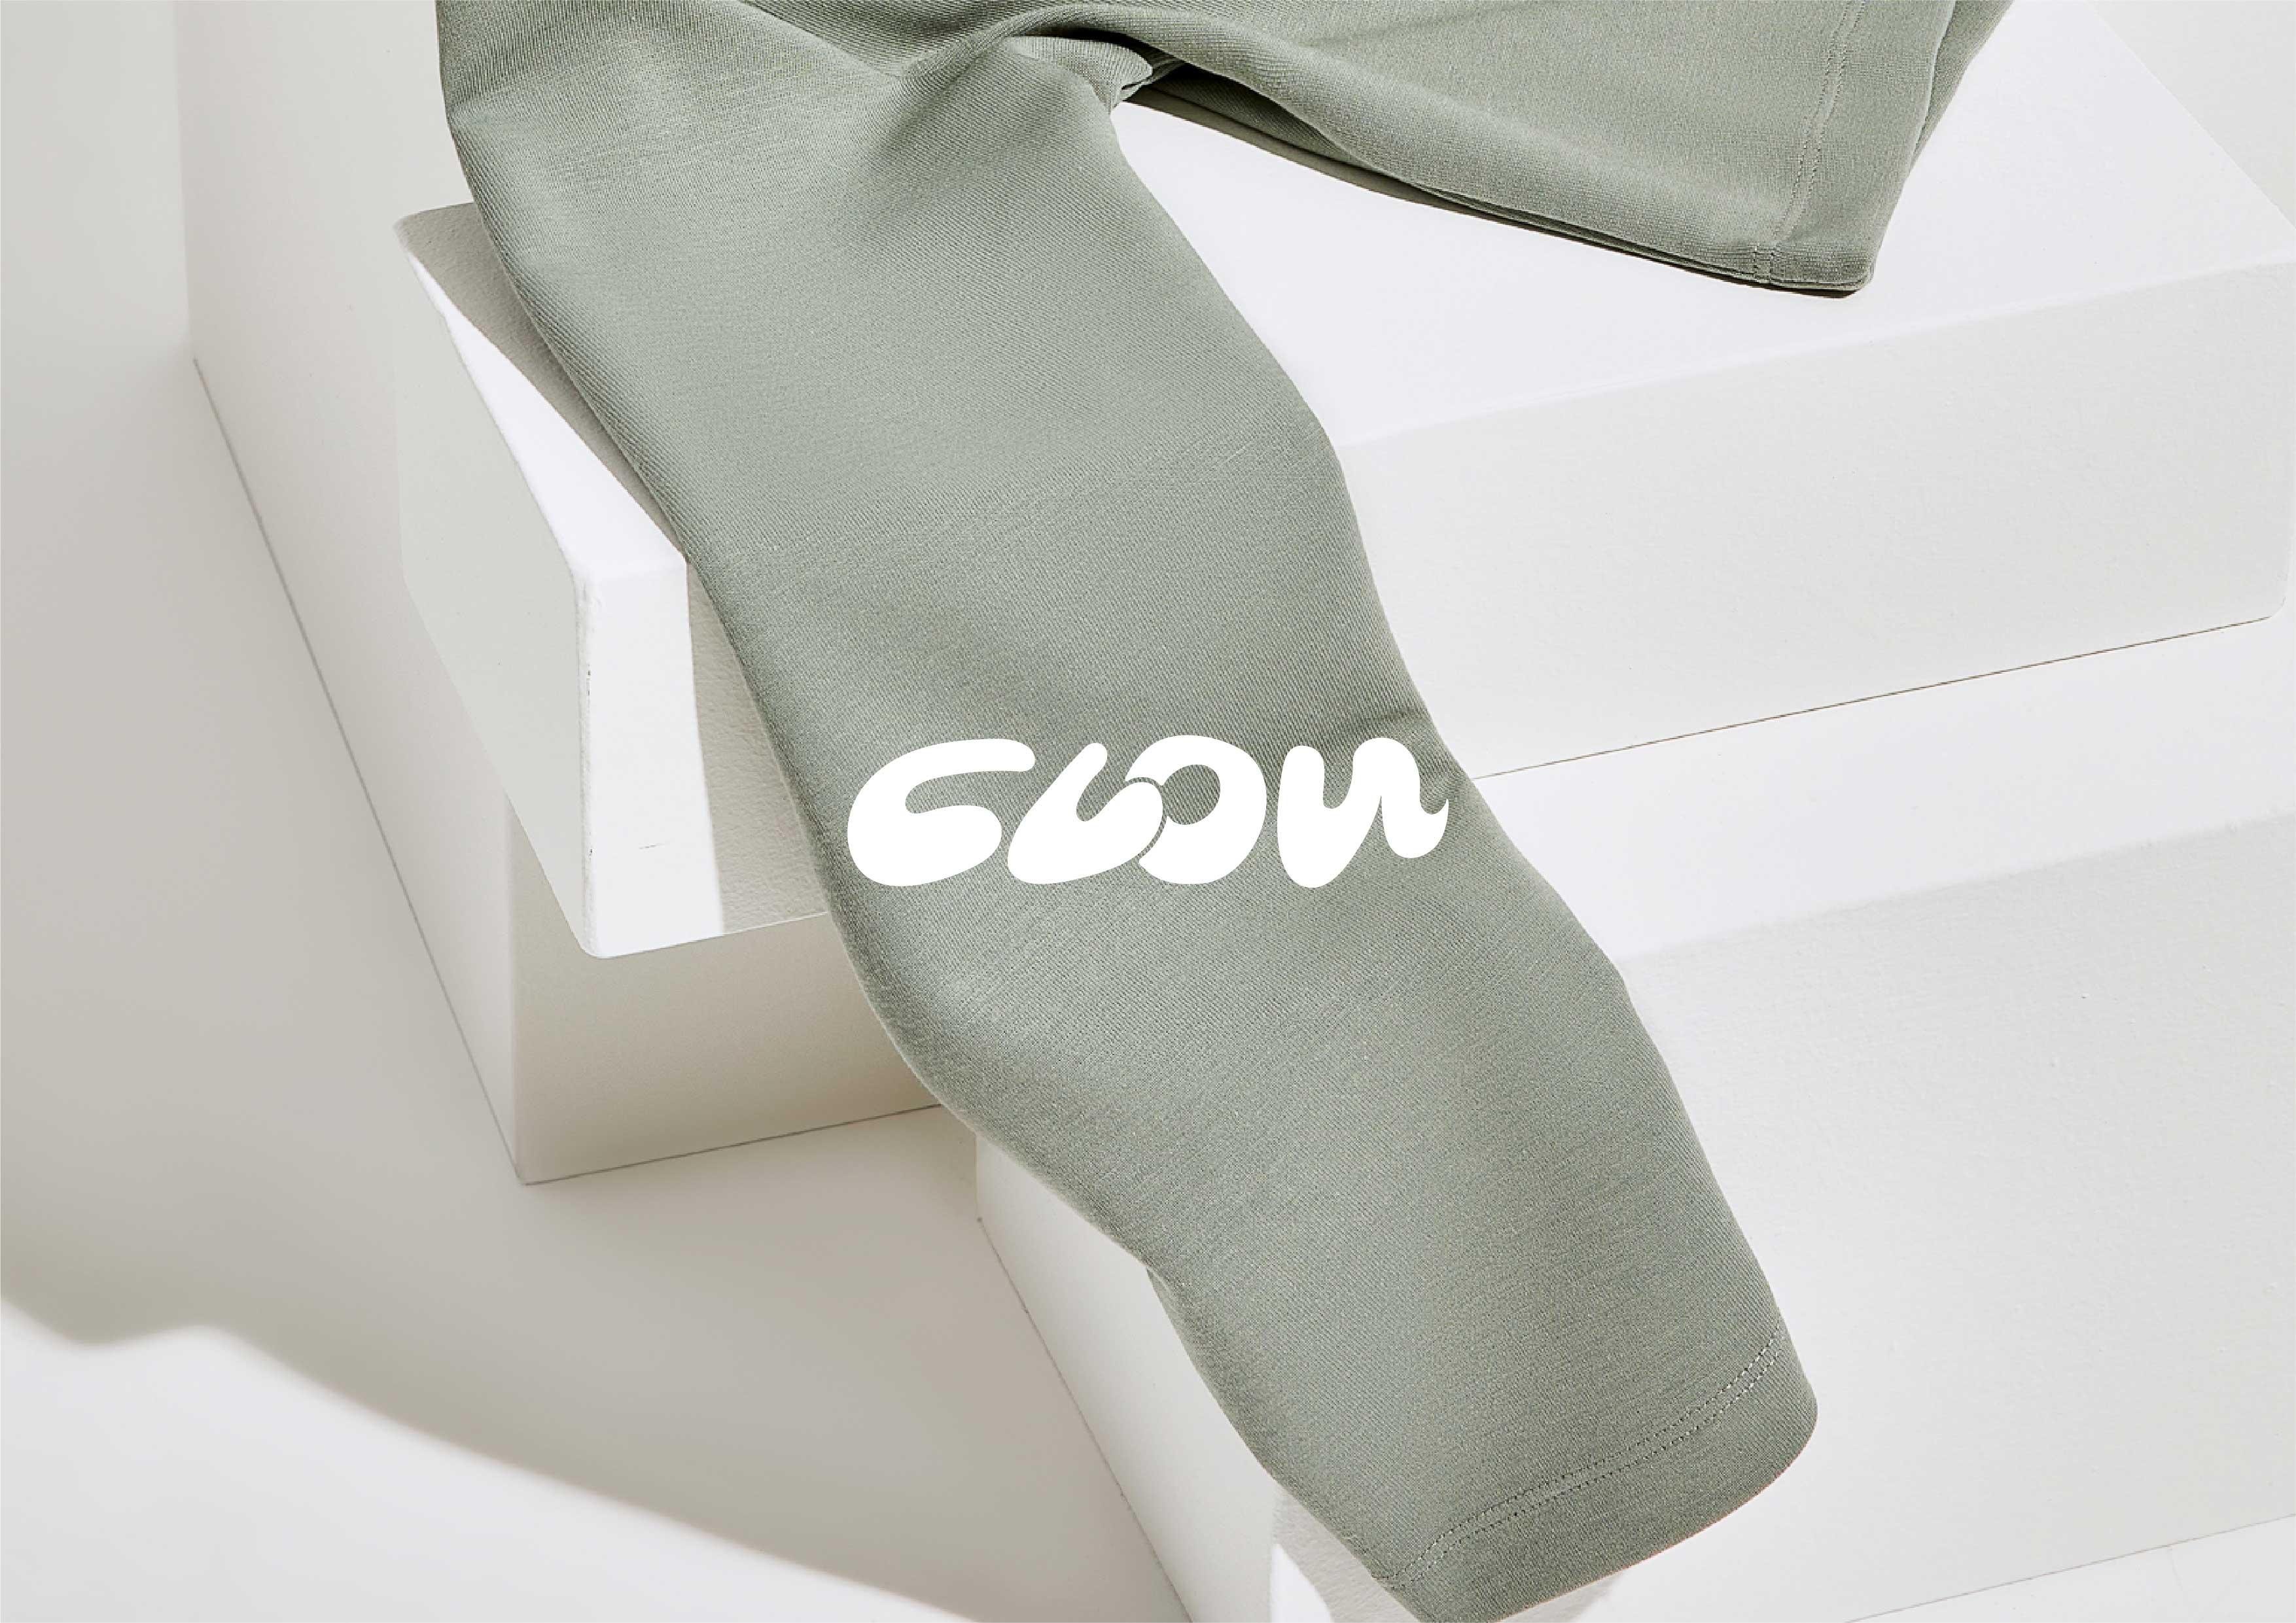 Sila Özyildiz Creates Clou Loungewear Branding